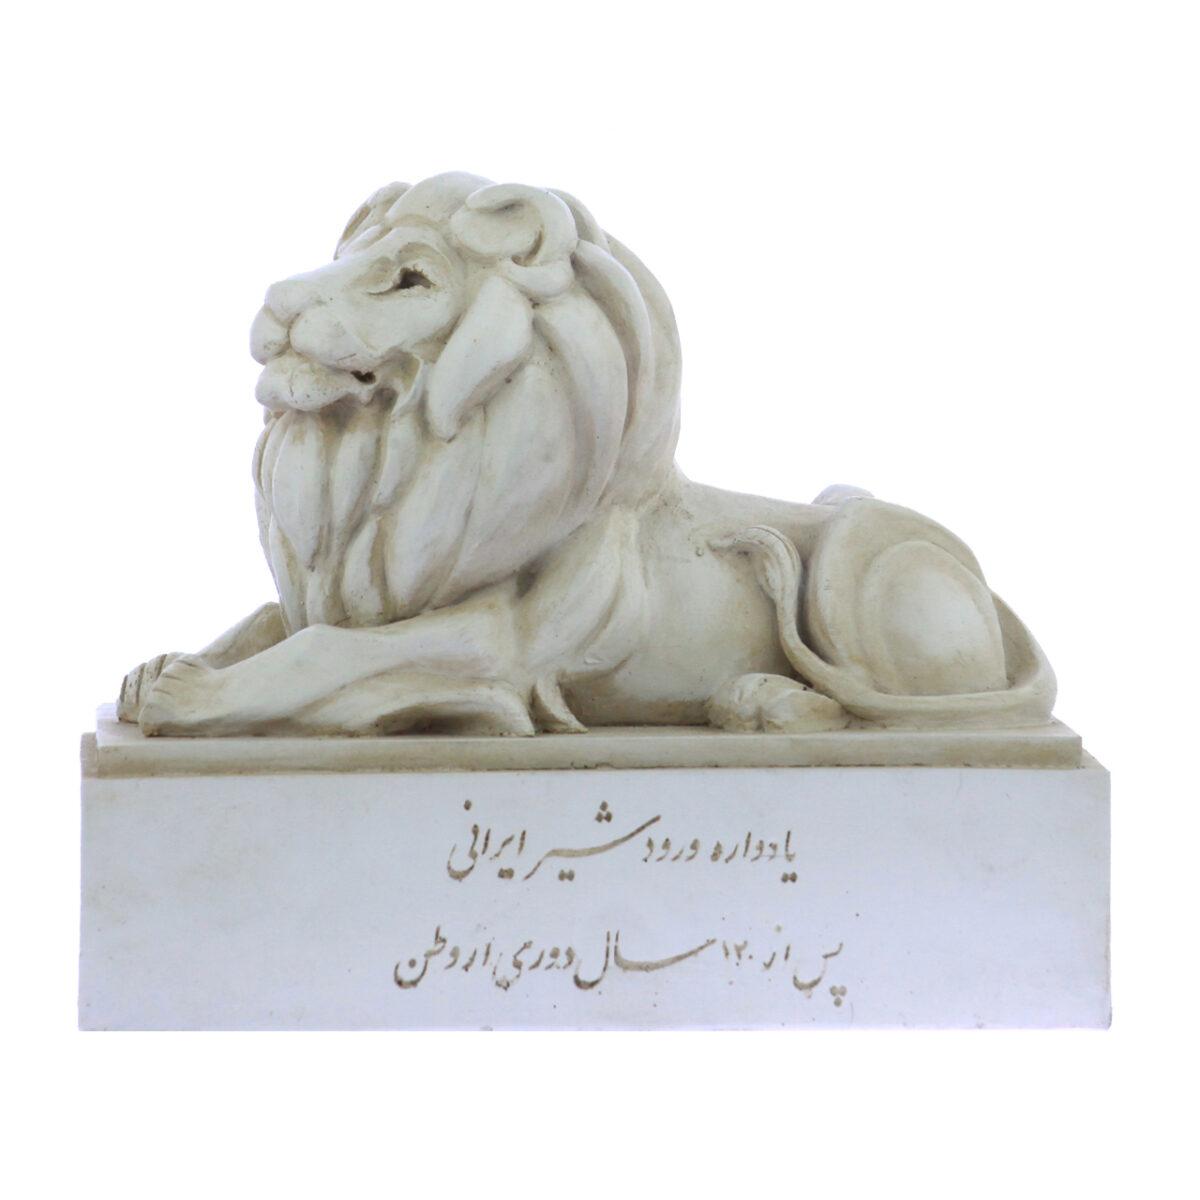 مجسمه تندیس و پیکره شهریار مدل یادواره شیر ایرانی کد MO3150